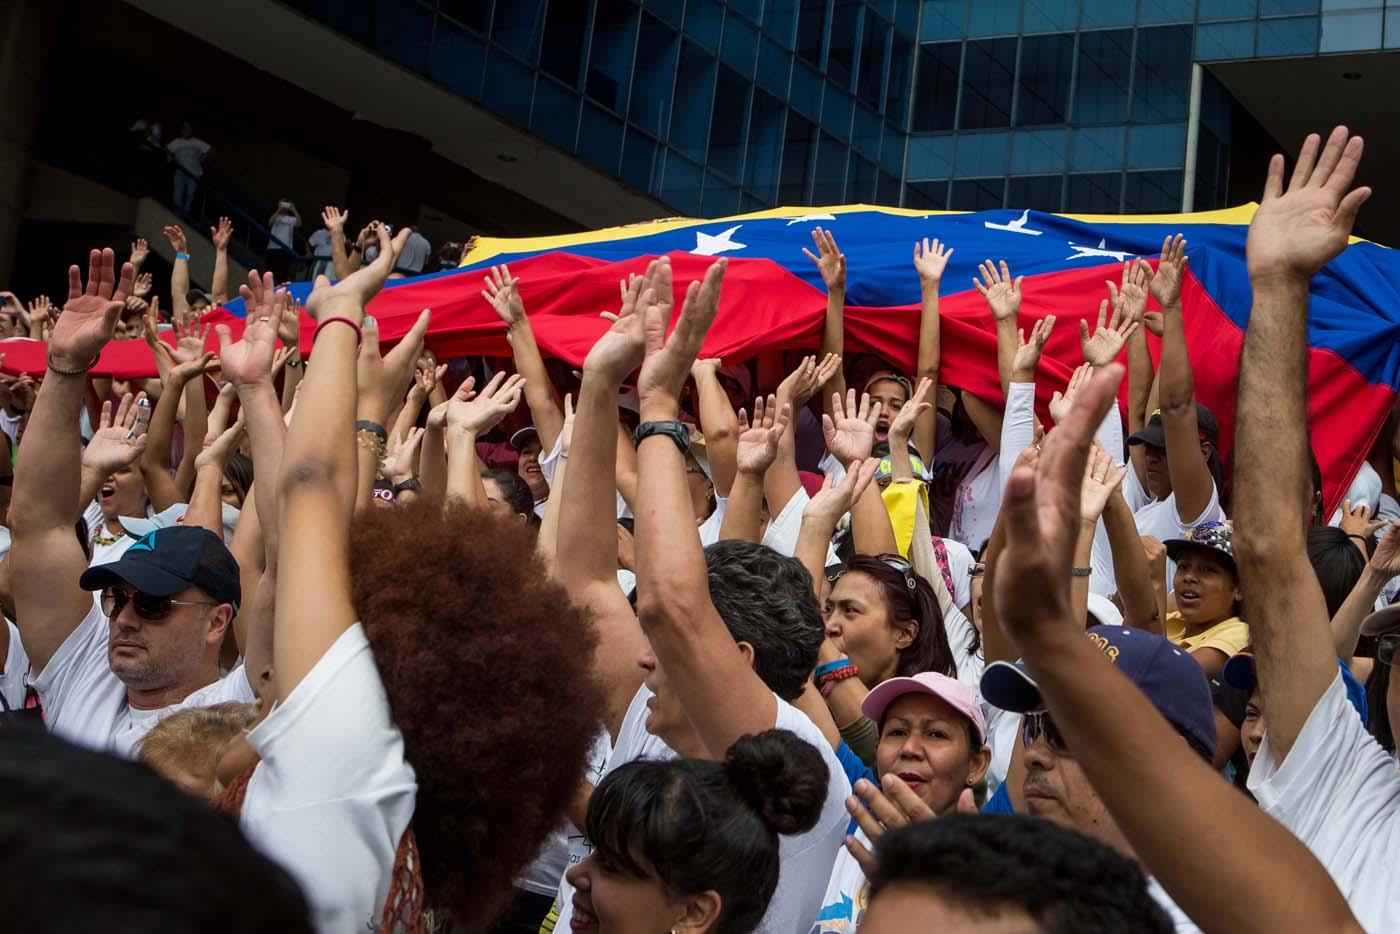 """CAR08. CARACAS (VENEZUELA), 08/04/2017 - Un grupo de personas se congrega durante una manifestación hoy, sábado 8 de abril de 2017, en Caracas (Venezuela). La oposición venezolana convoca de nuevo a manifestarse en varias ciudades del país en demanda de la """"restitución del hilo constitucional"""" y de la celebración de elecciones. EFE/MIGUEL GUTIÉRREZ"""